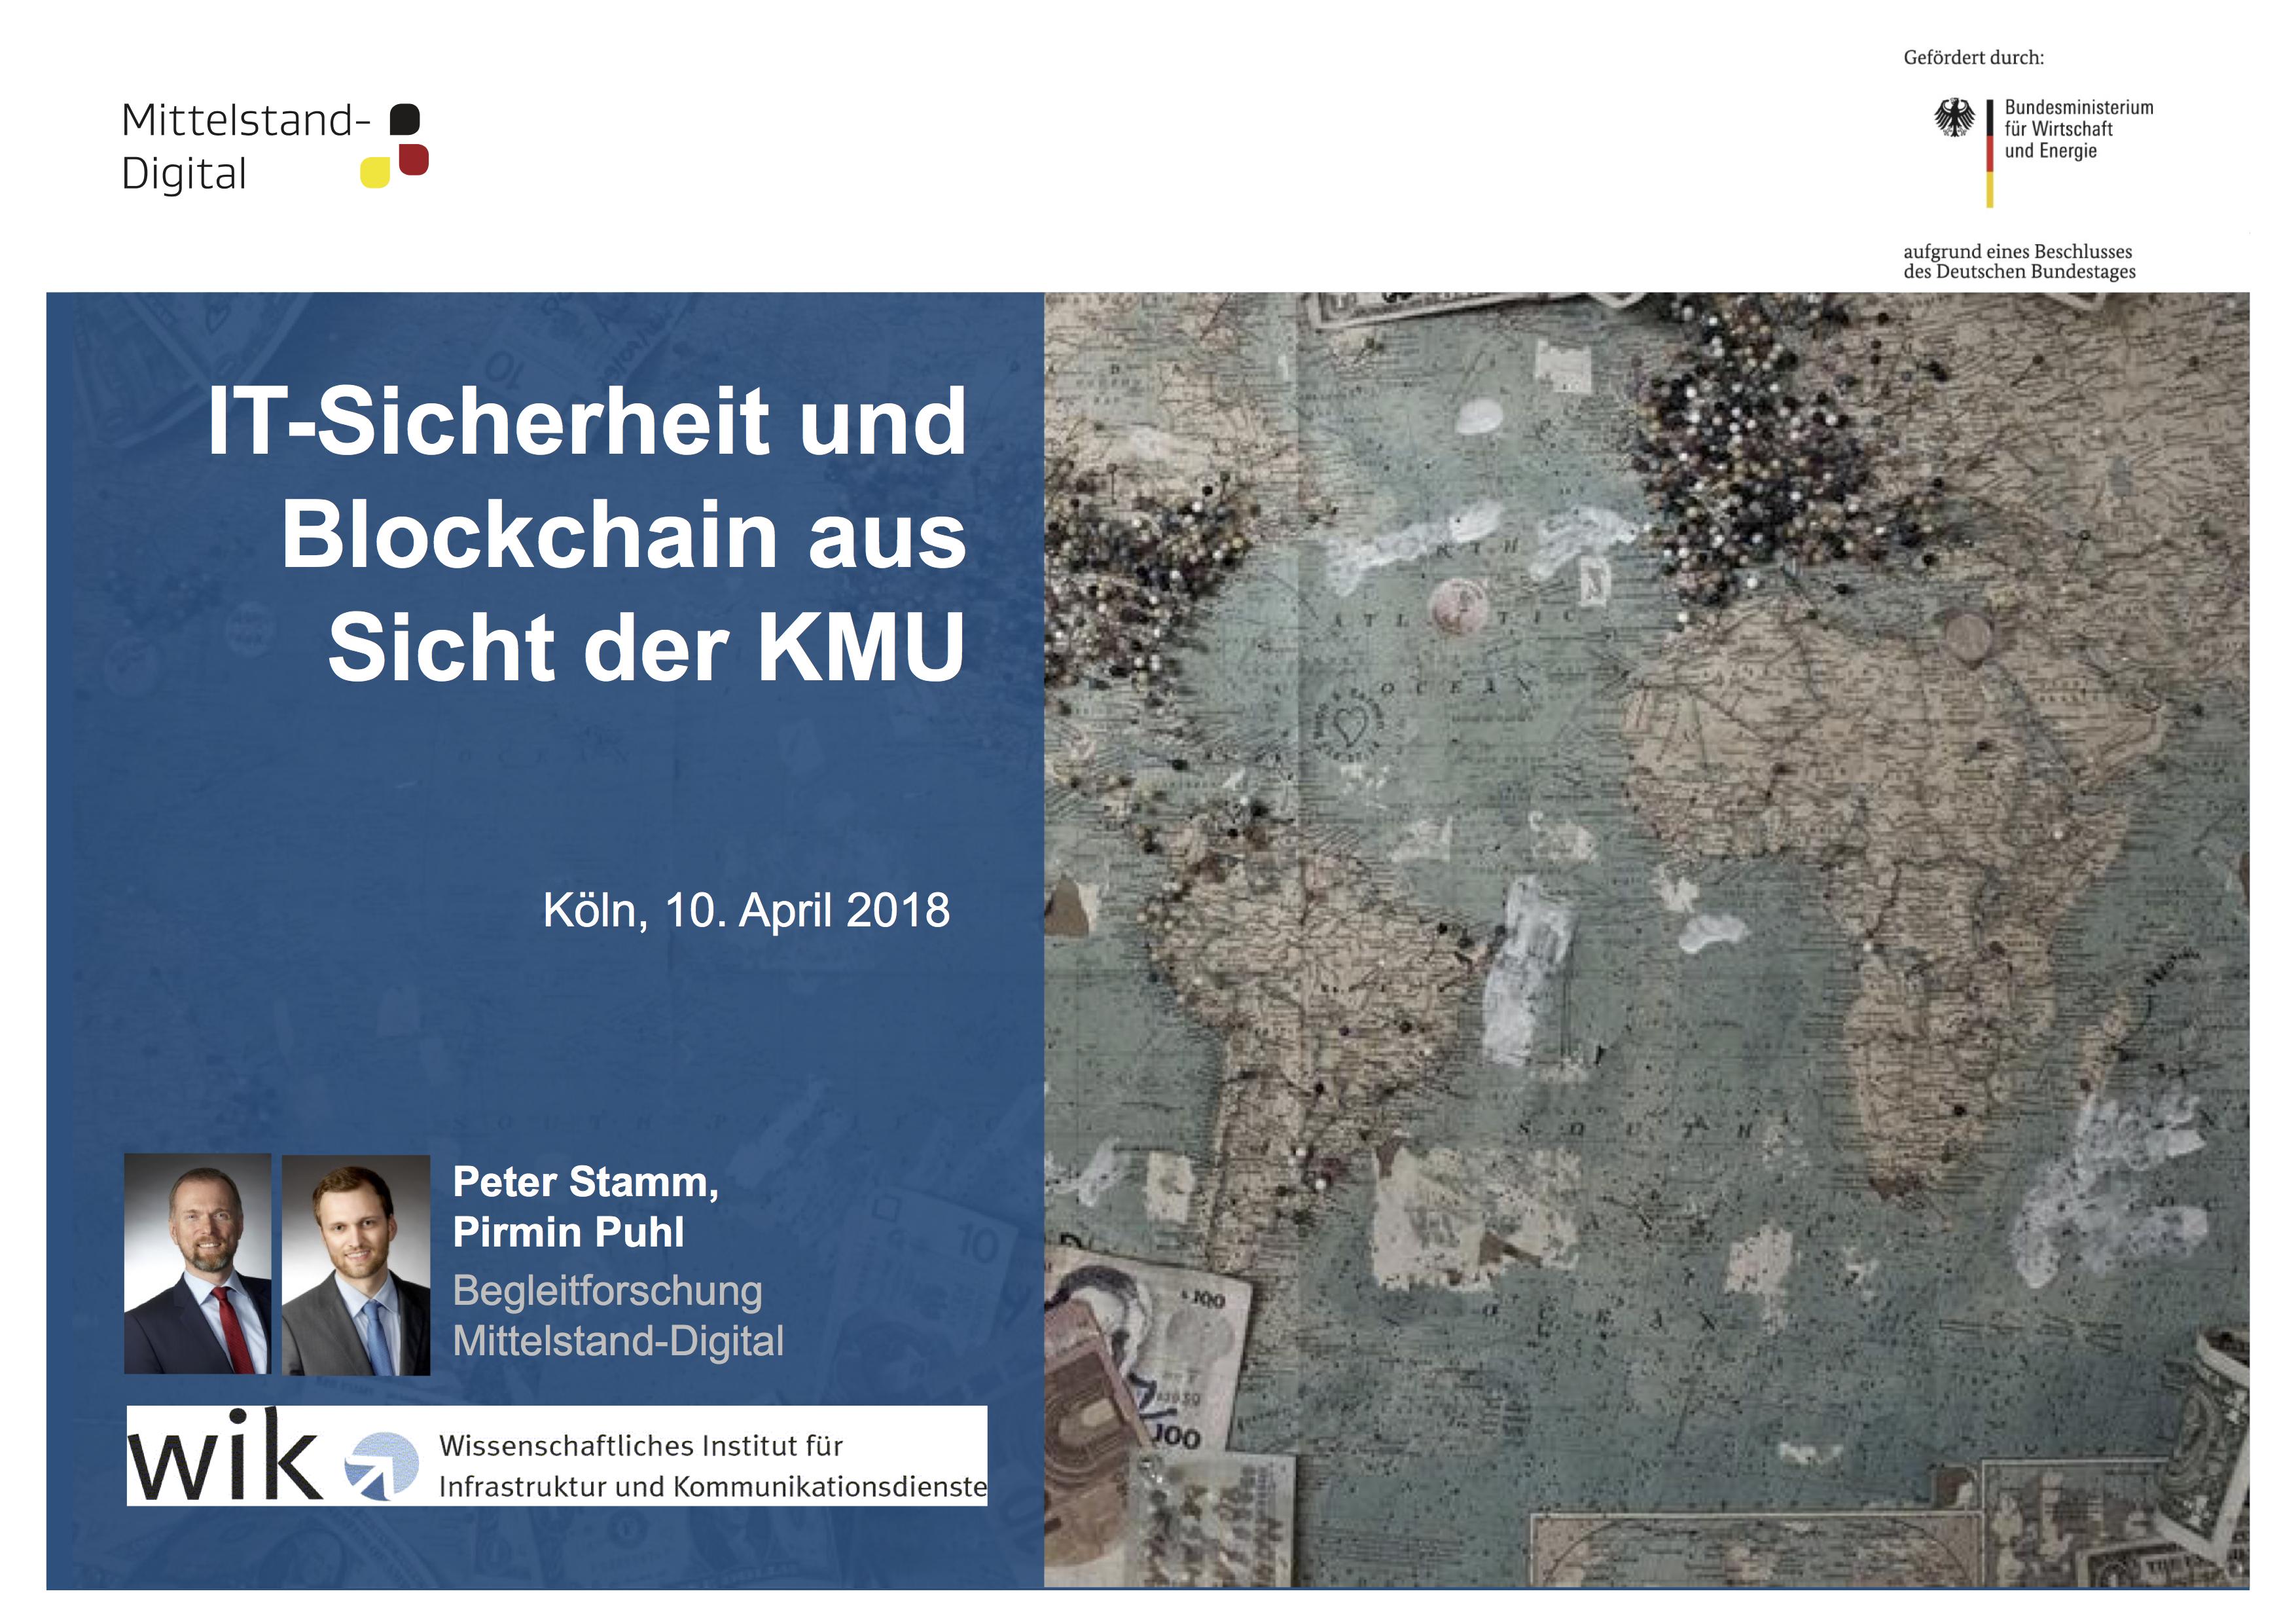 Präsentation: IT-Sicherheit und Blockchain aus Sicht der KMU